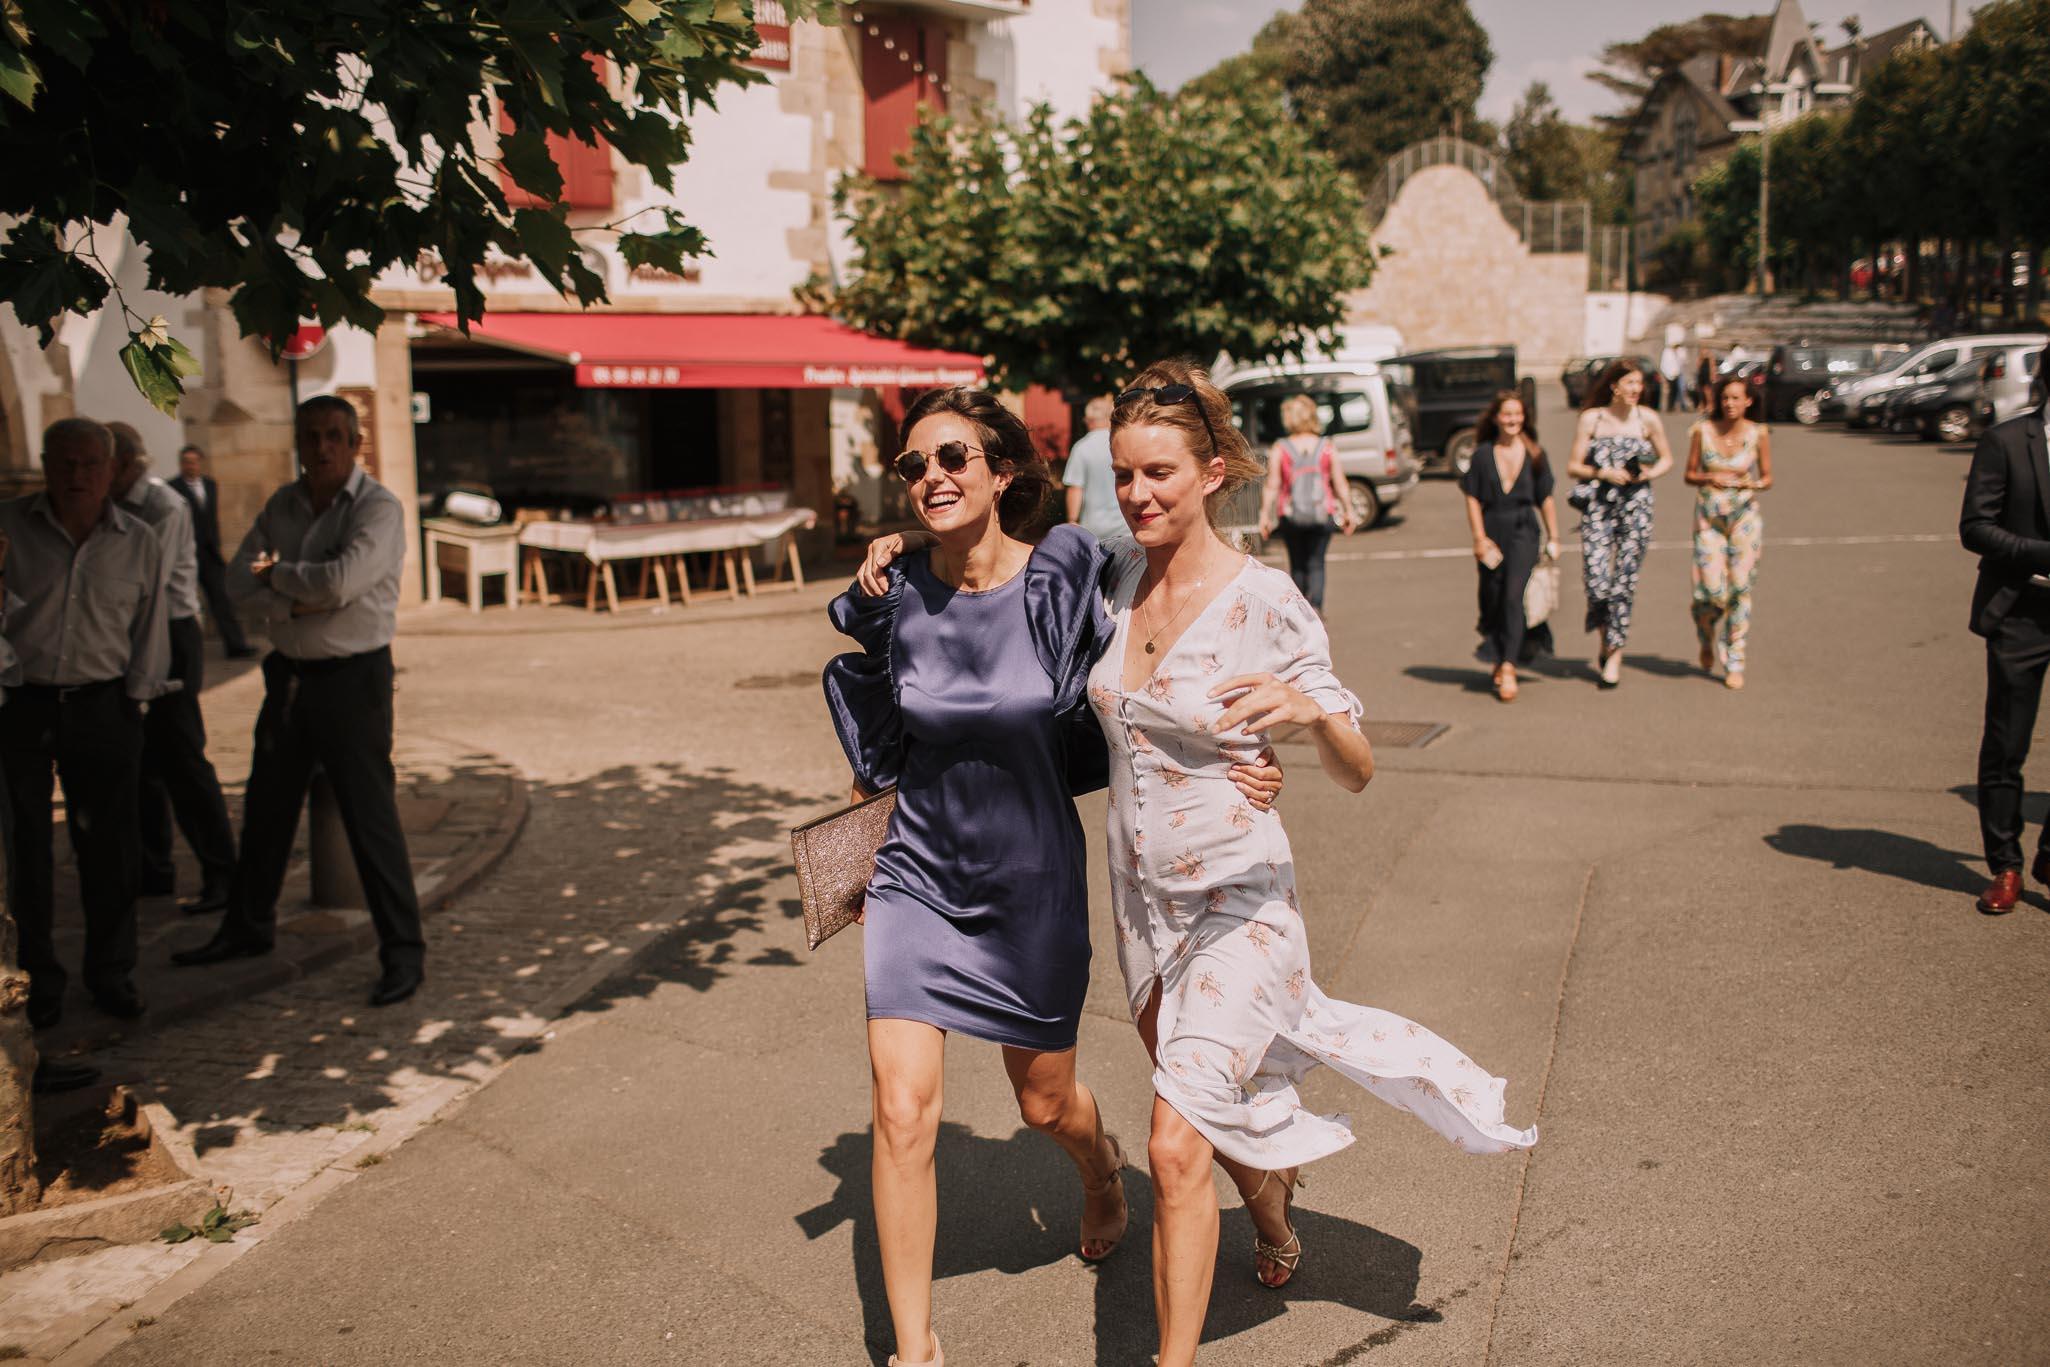 Photographe-mariage-bordeaux-jeremy-boyer-pays-basque-ihartze-artea-sare-robe-eleonore-pauc-couple-amour-48.jpg